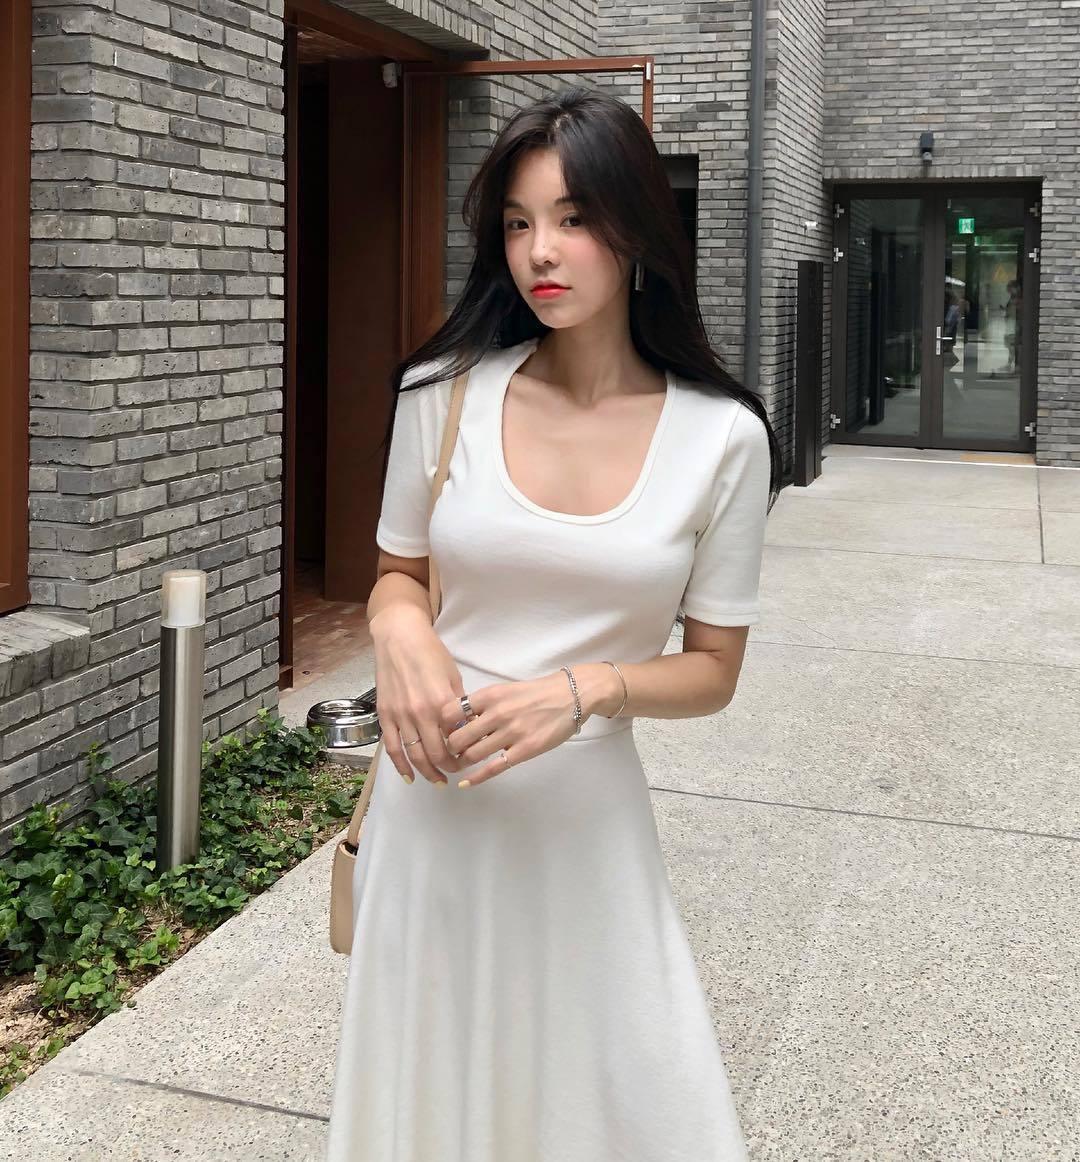 韩国内衣老板娘강혜지火辣示范内衣款式 宅男吧 热图4